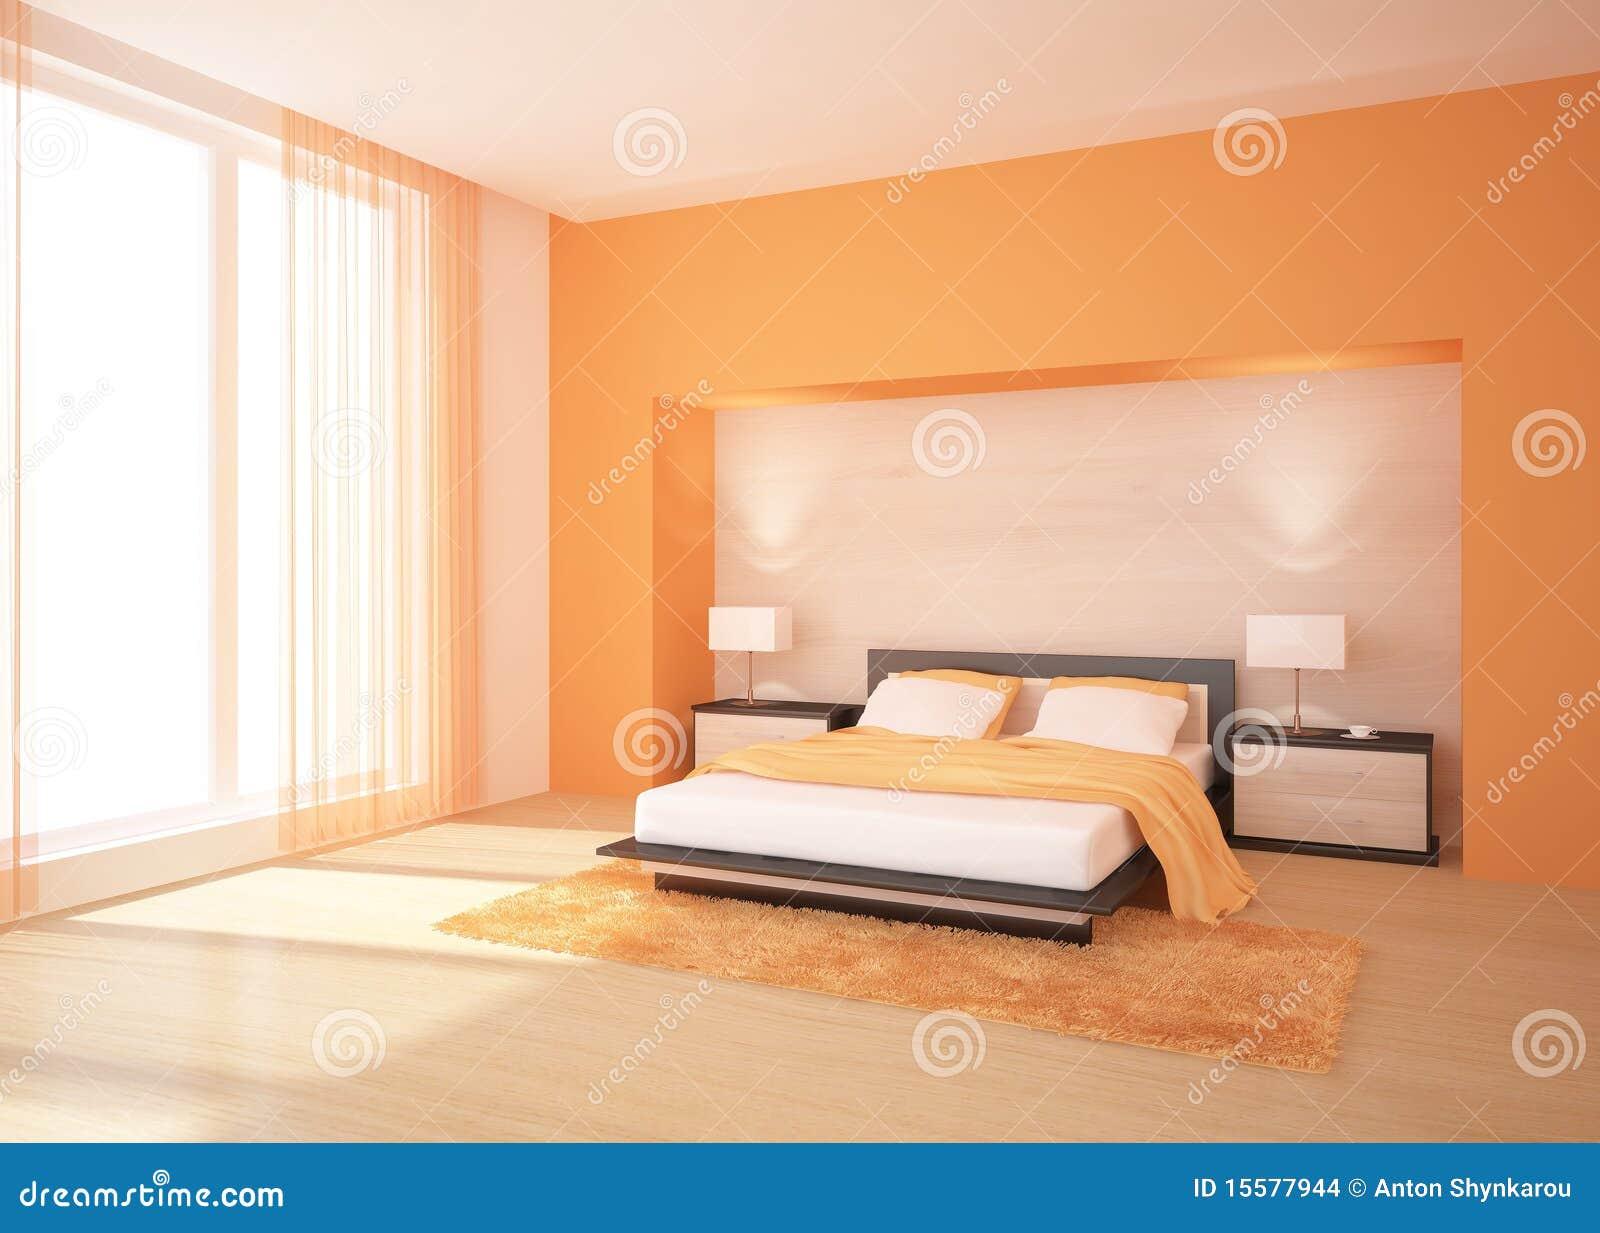 orange schlafzimmer stock abbildung bild von modern